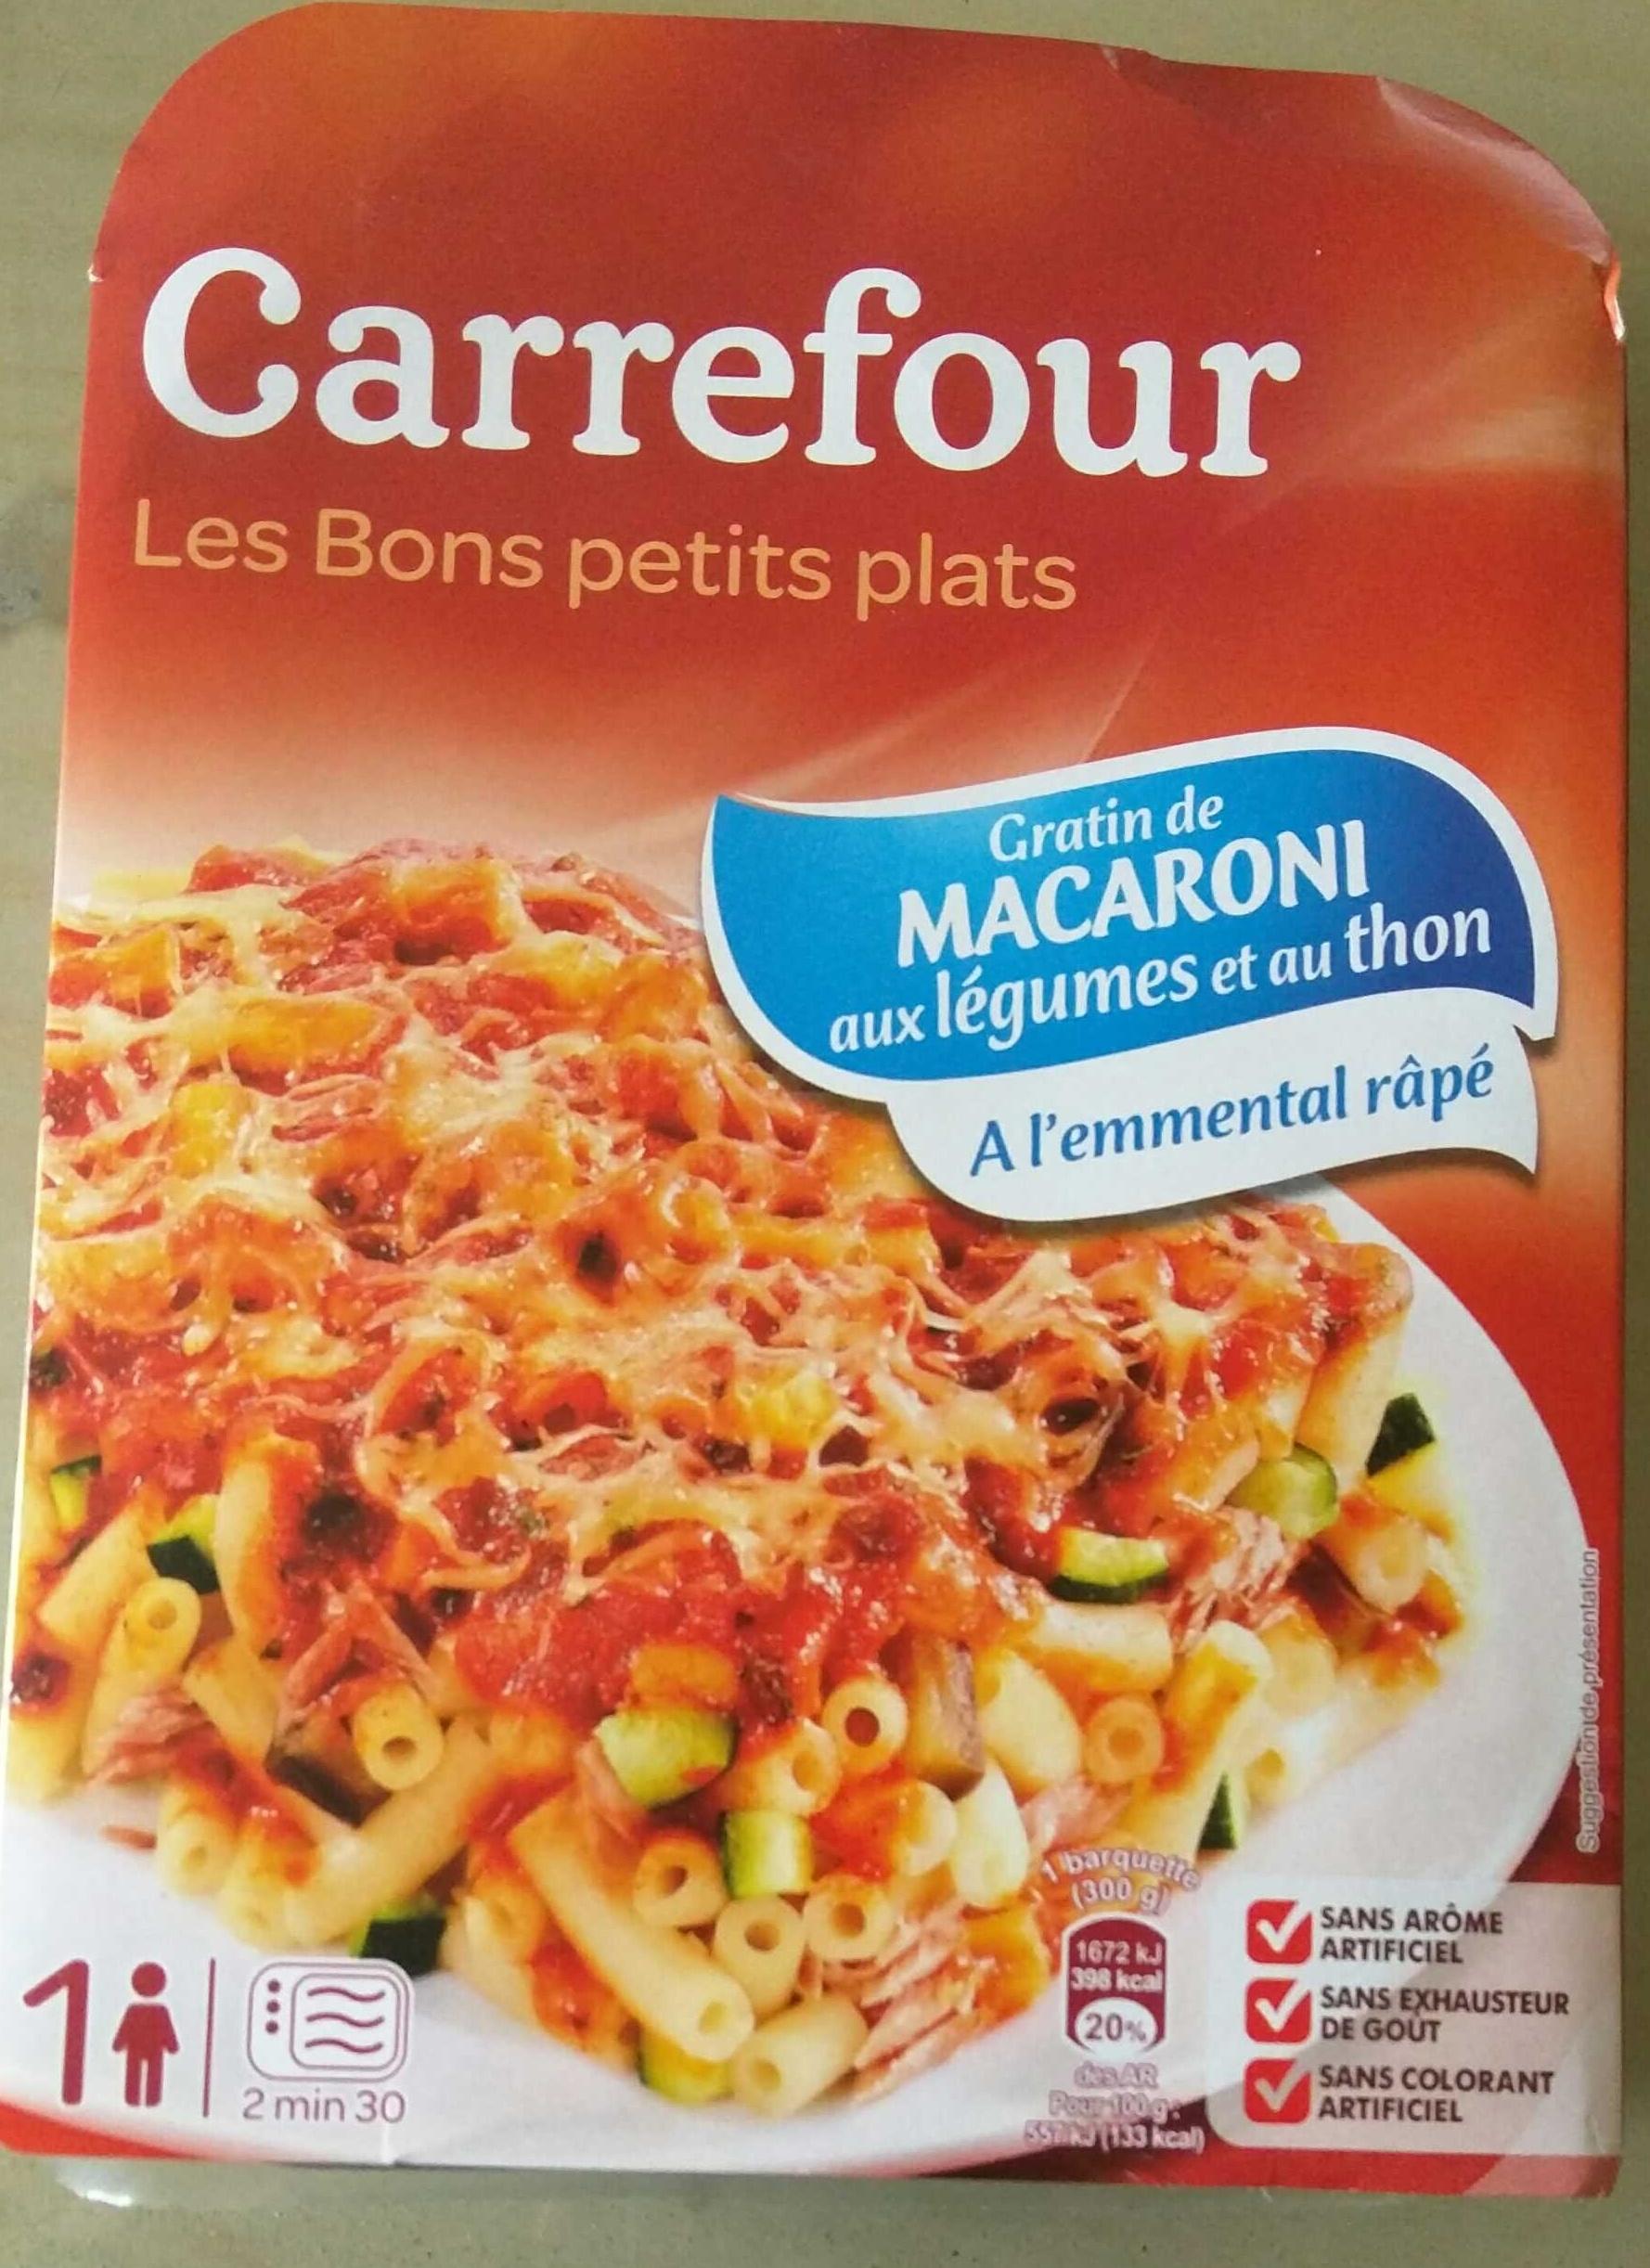 Gratin de macaroni aux légumes et au thon A l'emmental râpé - Product